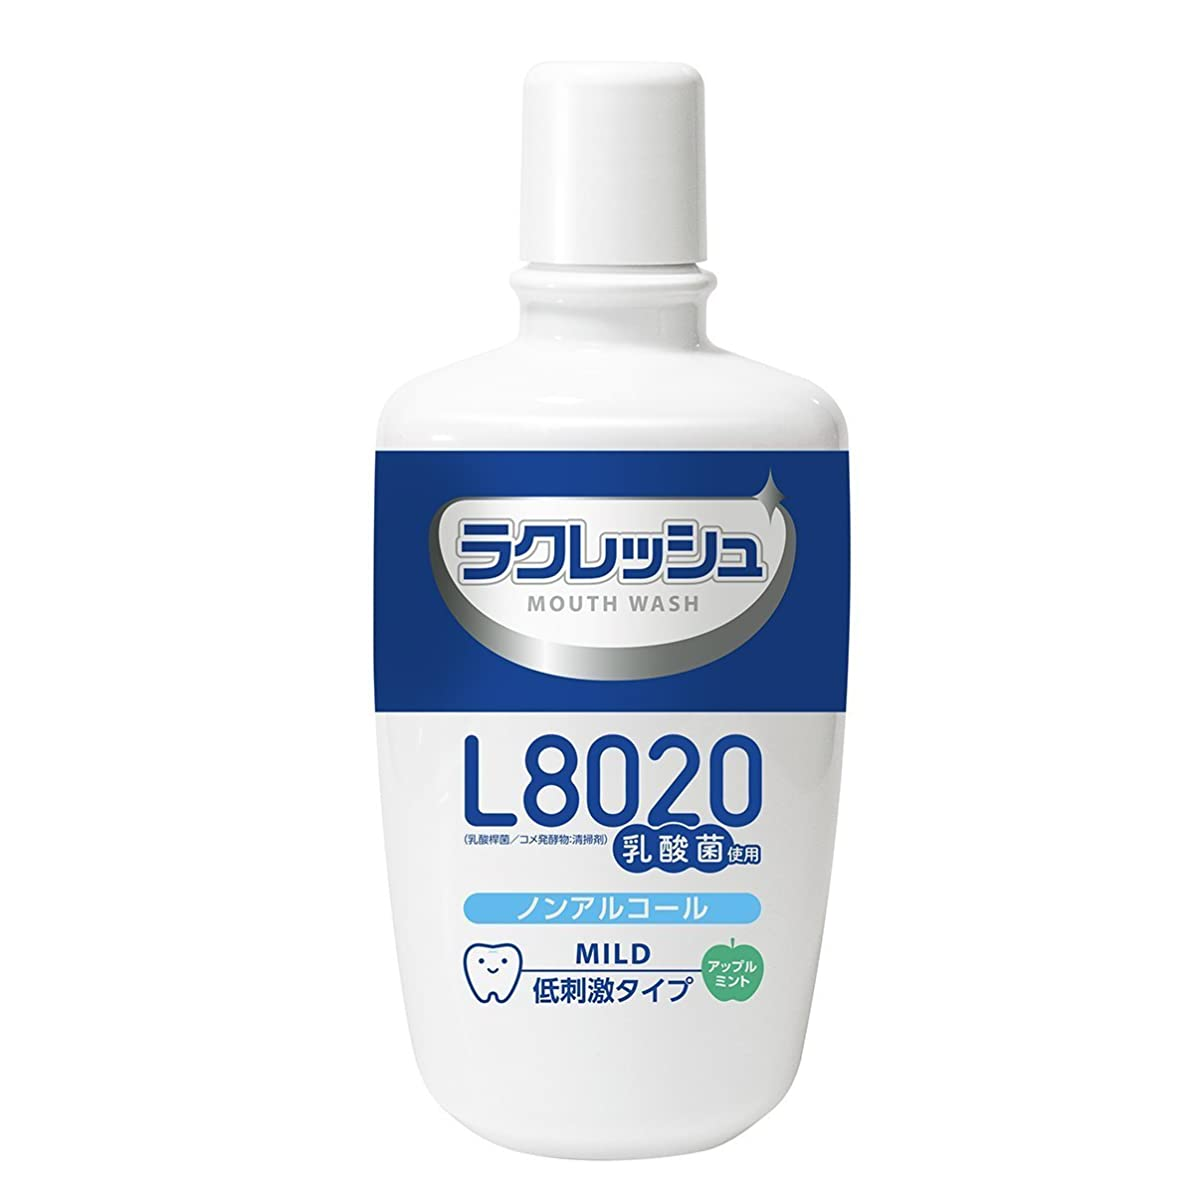 レッスン出発する文献ラクレッシュ L8020菌 マウスウォッシュ 6本セット